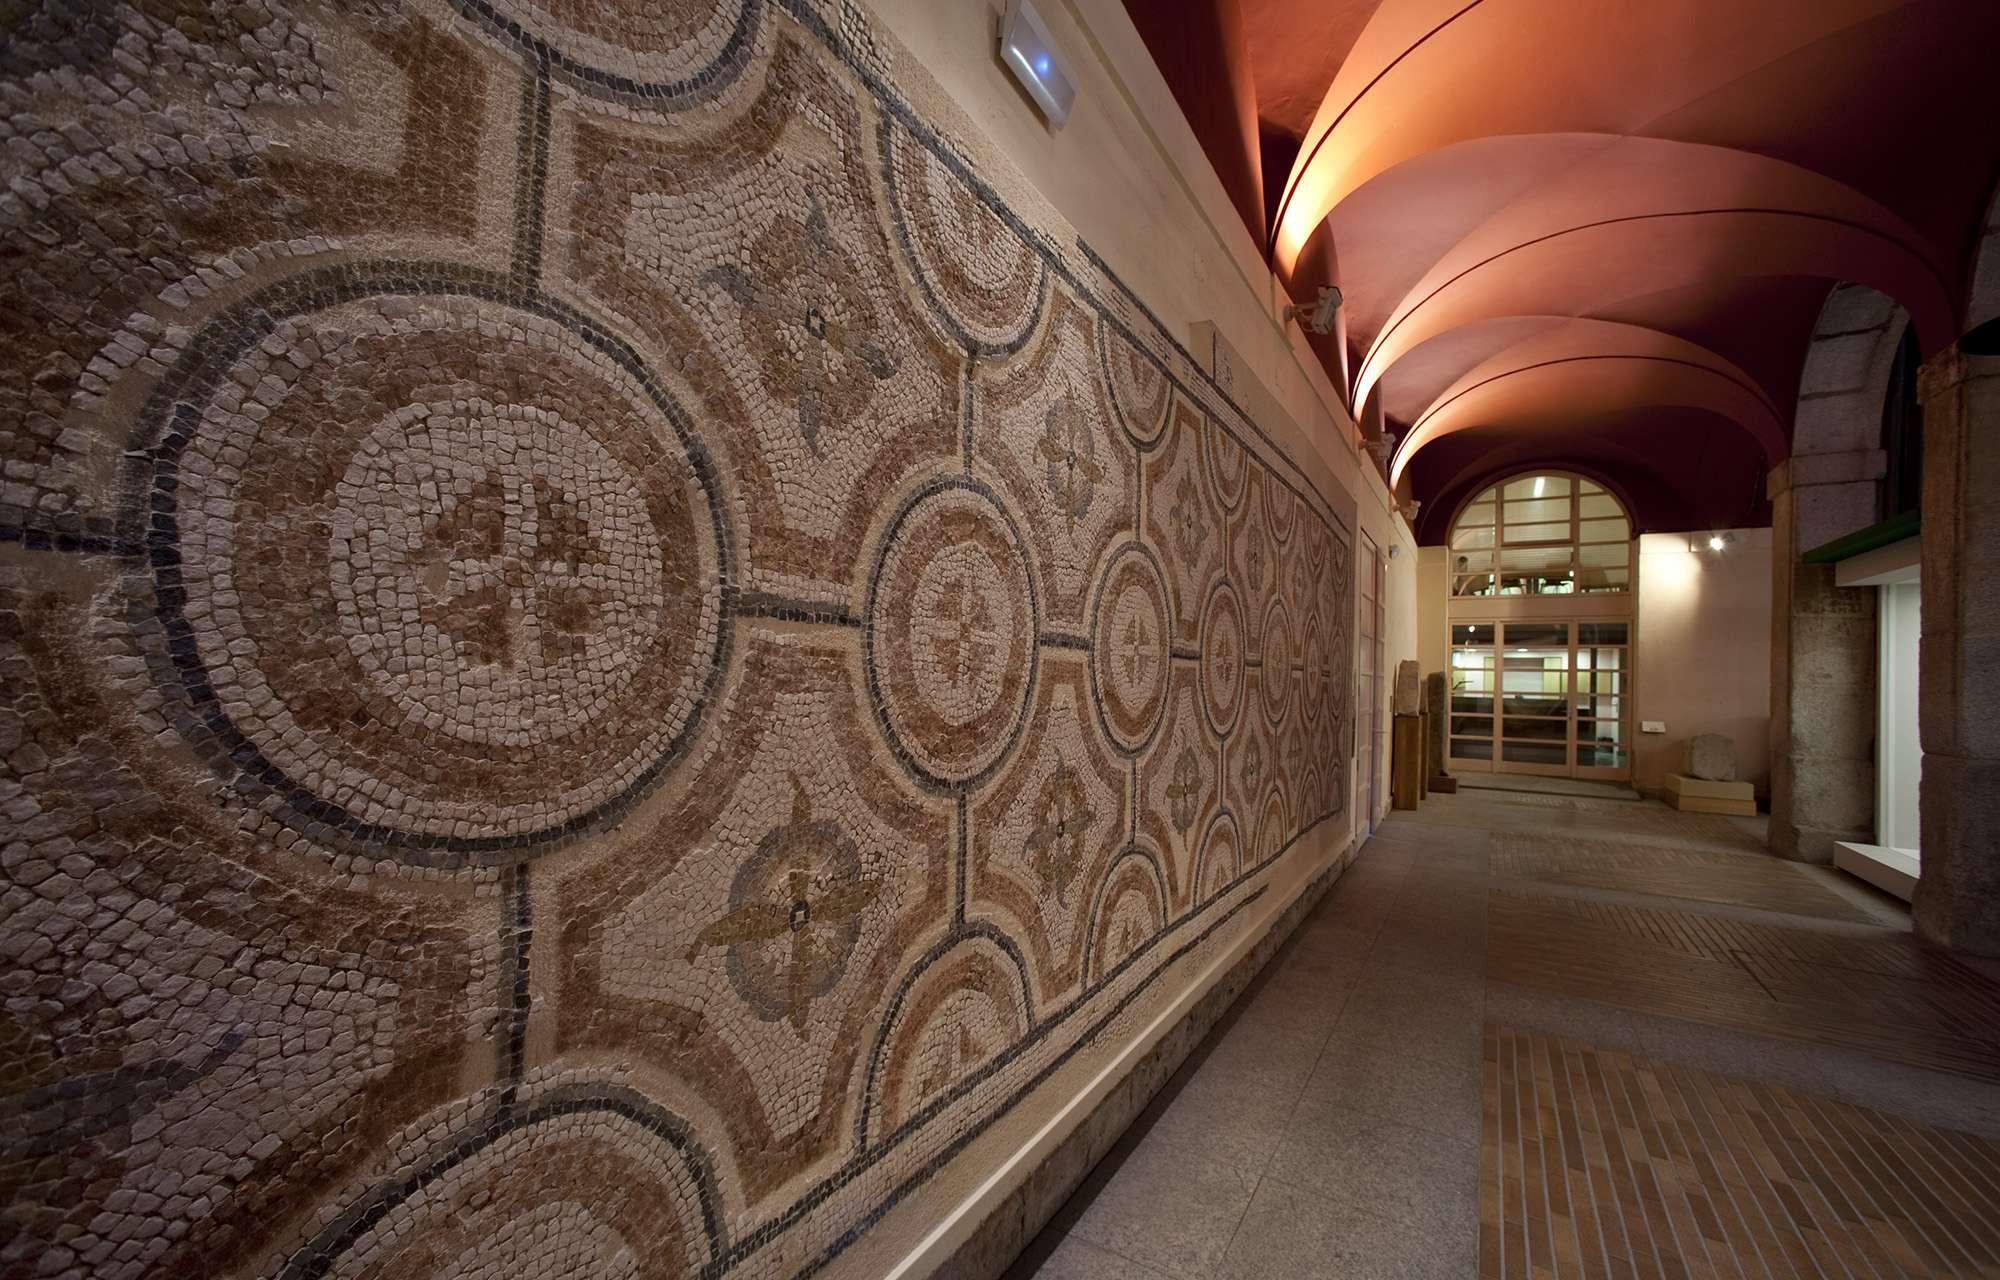 Museo Arqueológico Regional - Turismo en Alcalá de Henares